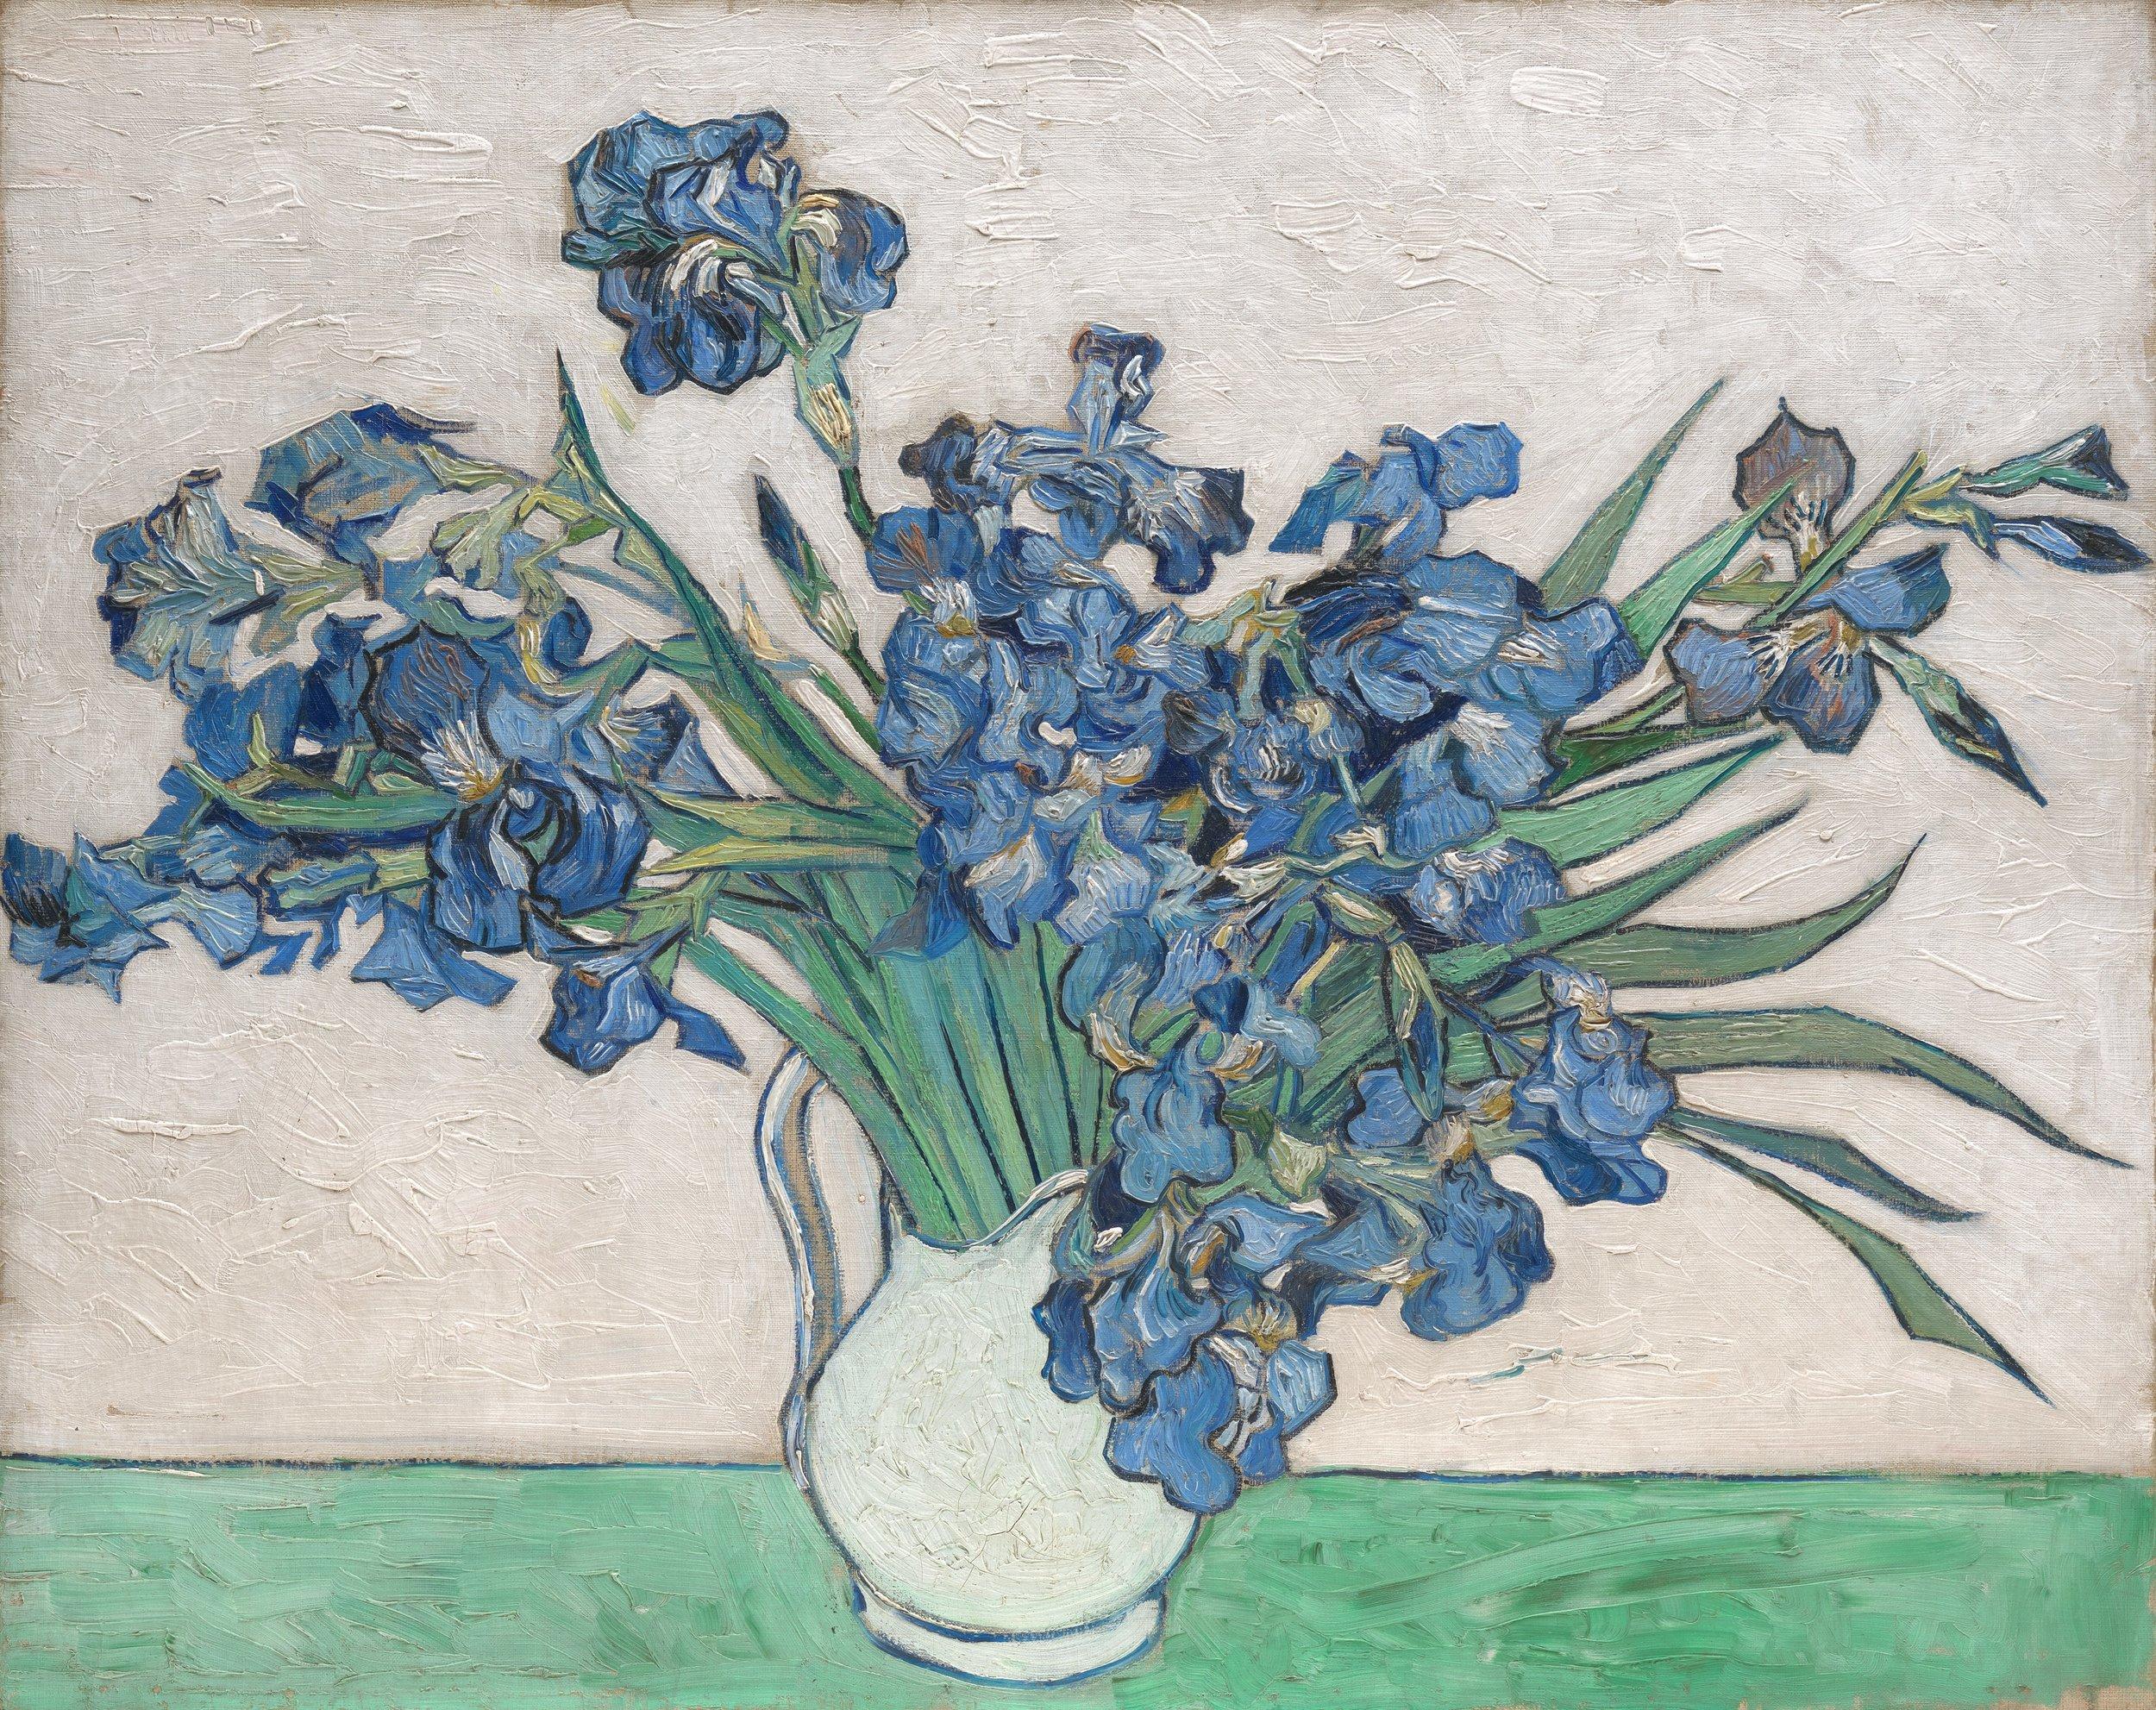 Роботи Ван Гога стали найпопулярнішими на сайтах музеїв Метрополітен та Ґетті